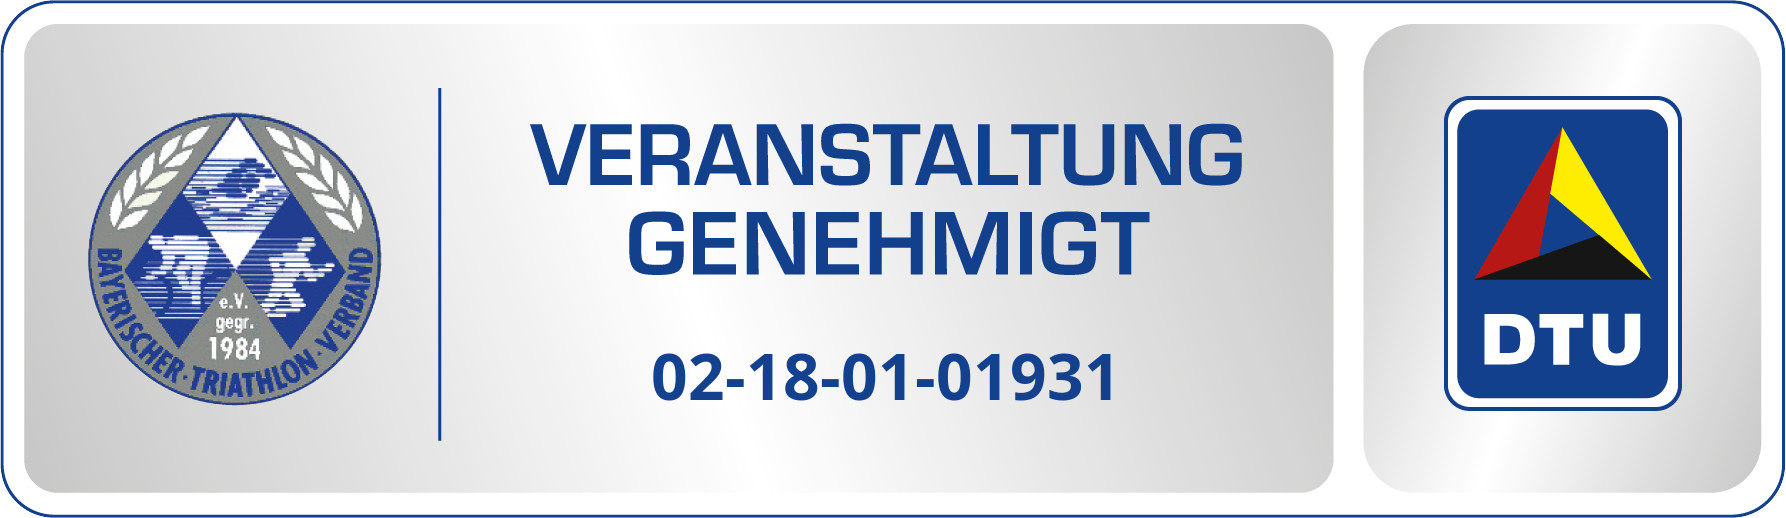 Genehmigungssiegel 02 18 01 01931 Lauingen - Ausschreibung